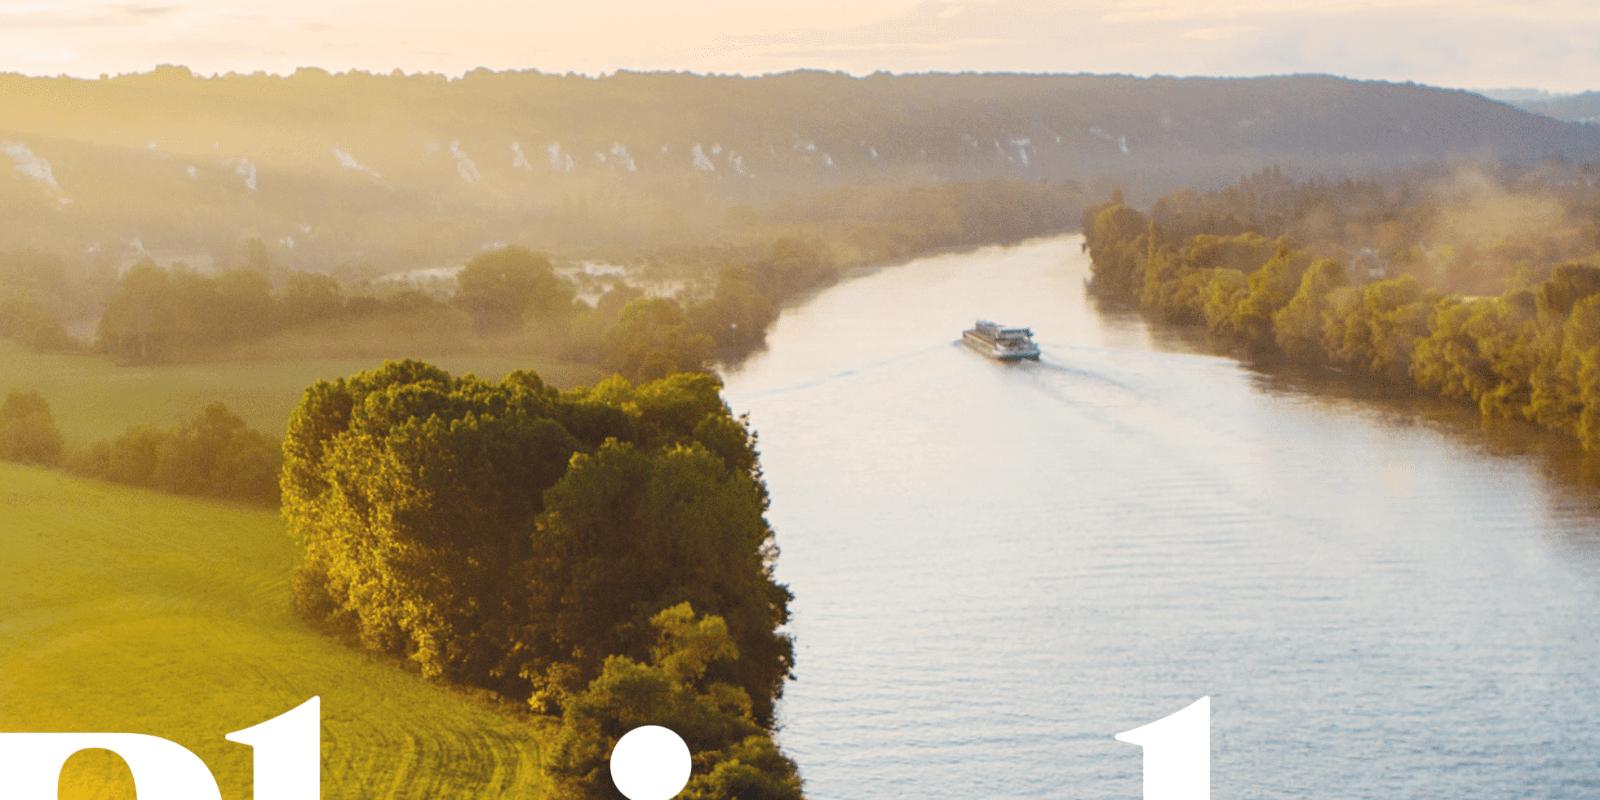 Affiche de la campagne Plein les mirettes pour le Vexin par le Conseil Départemental du Val d'Oise